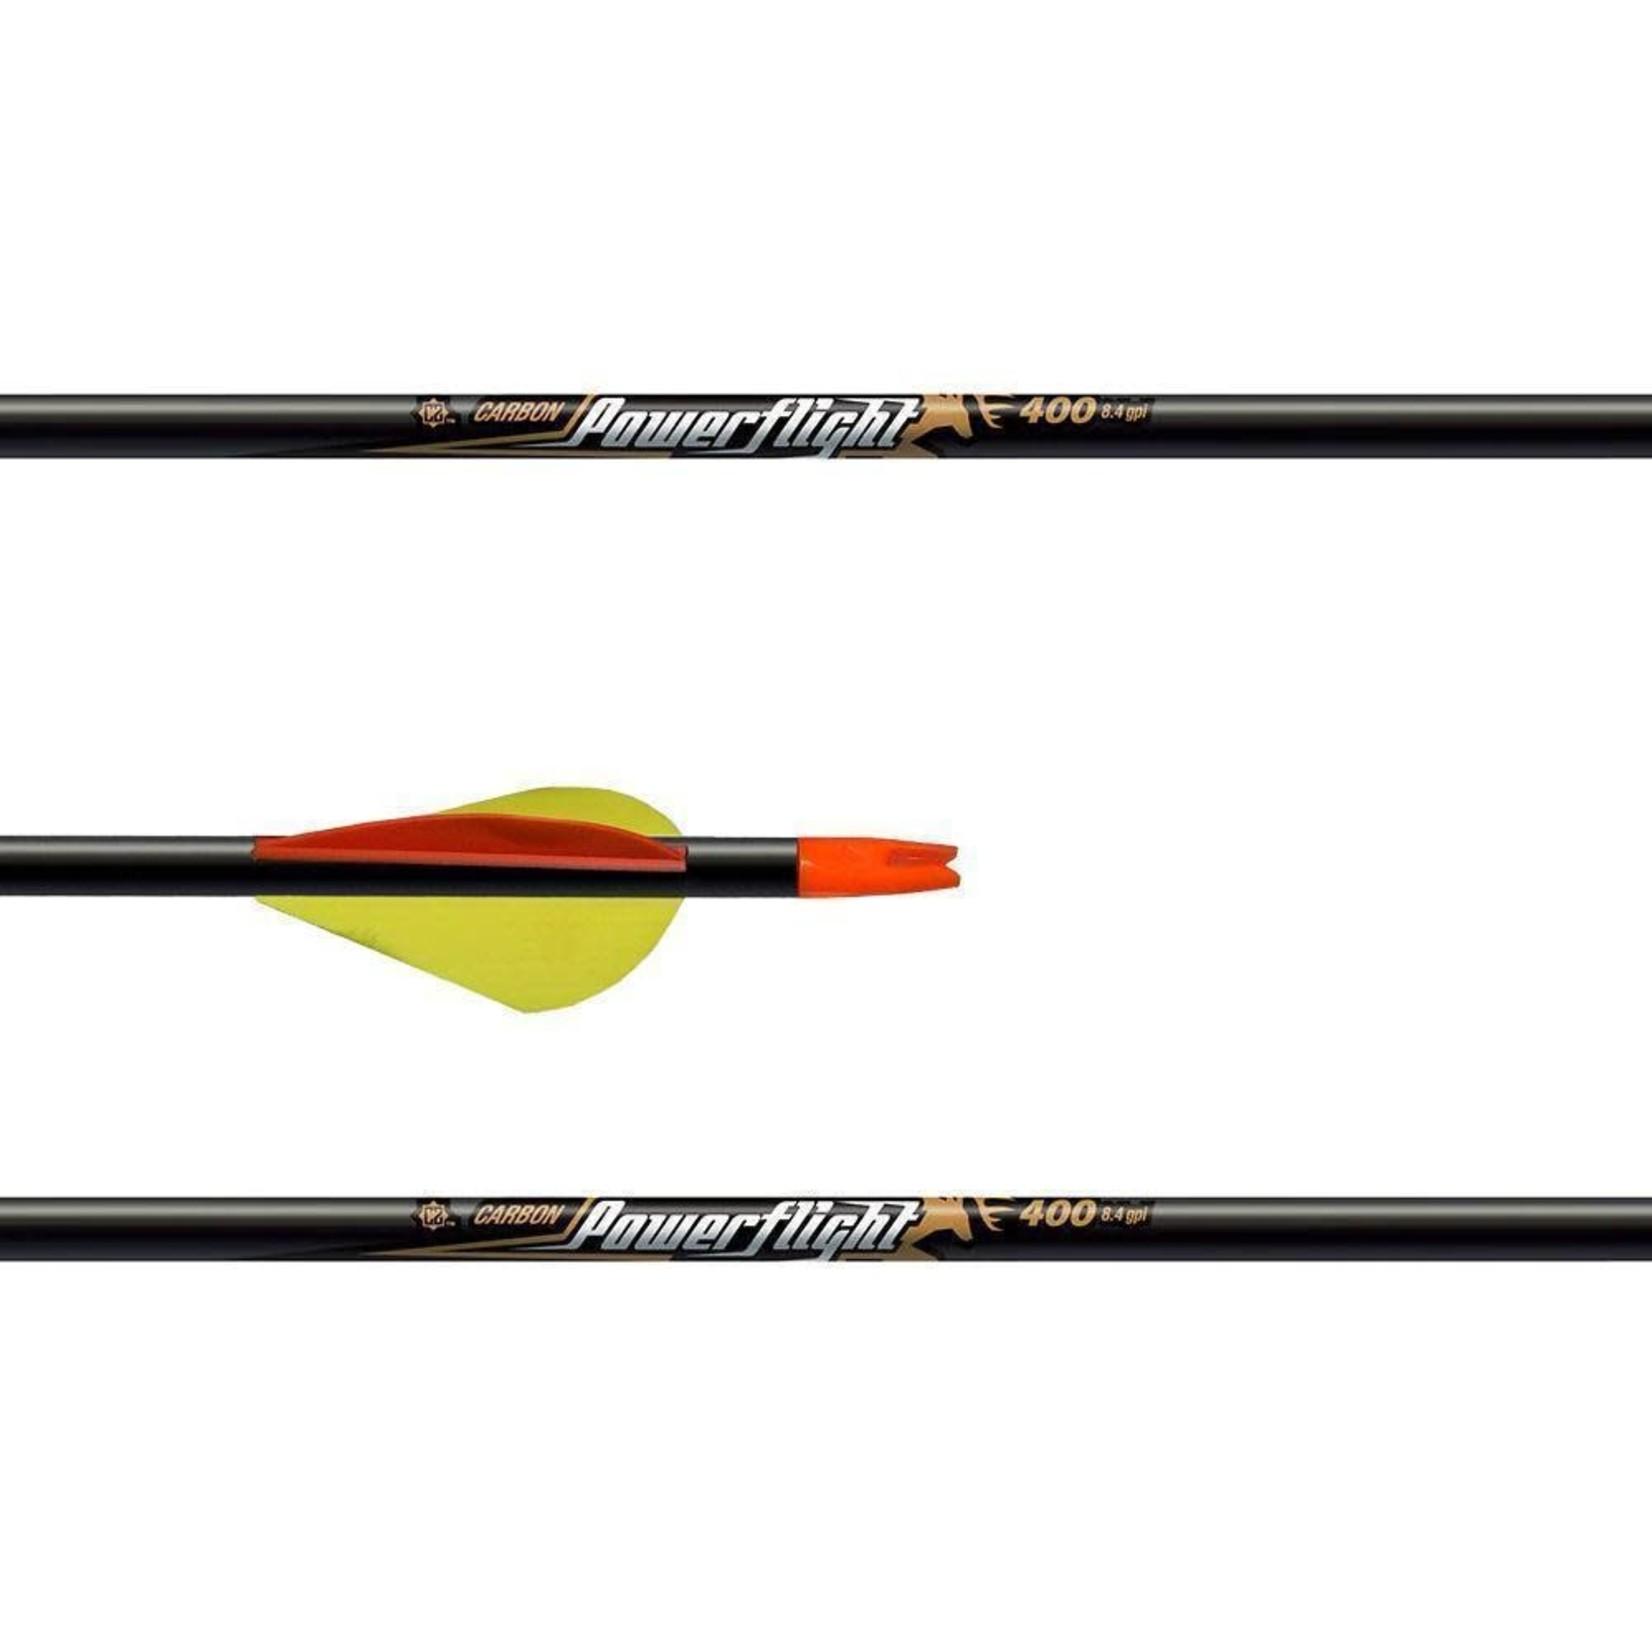 Easton Easton Powerflight Arrows 300 (1/2 doz)